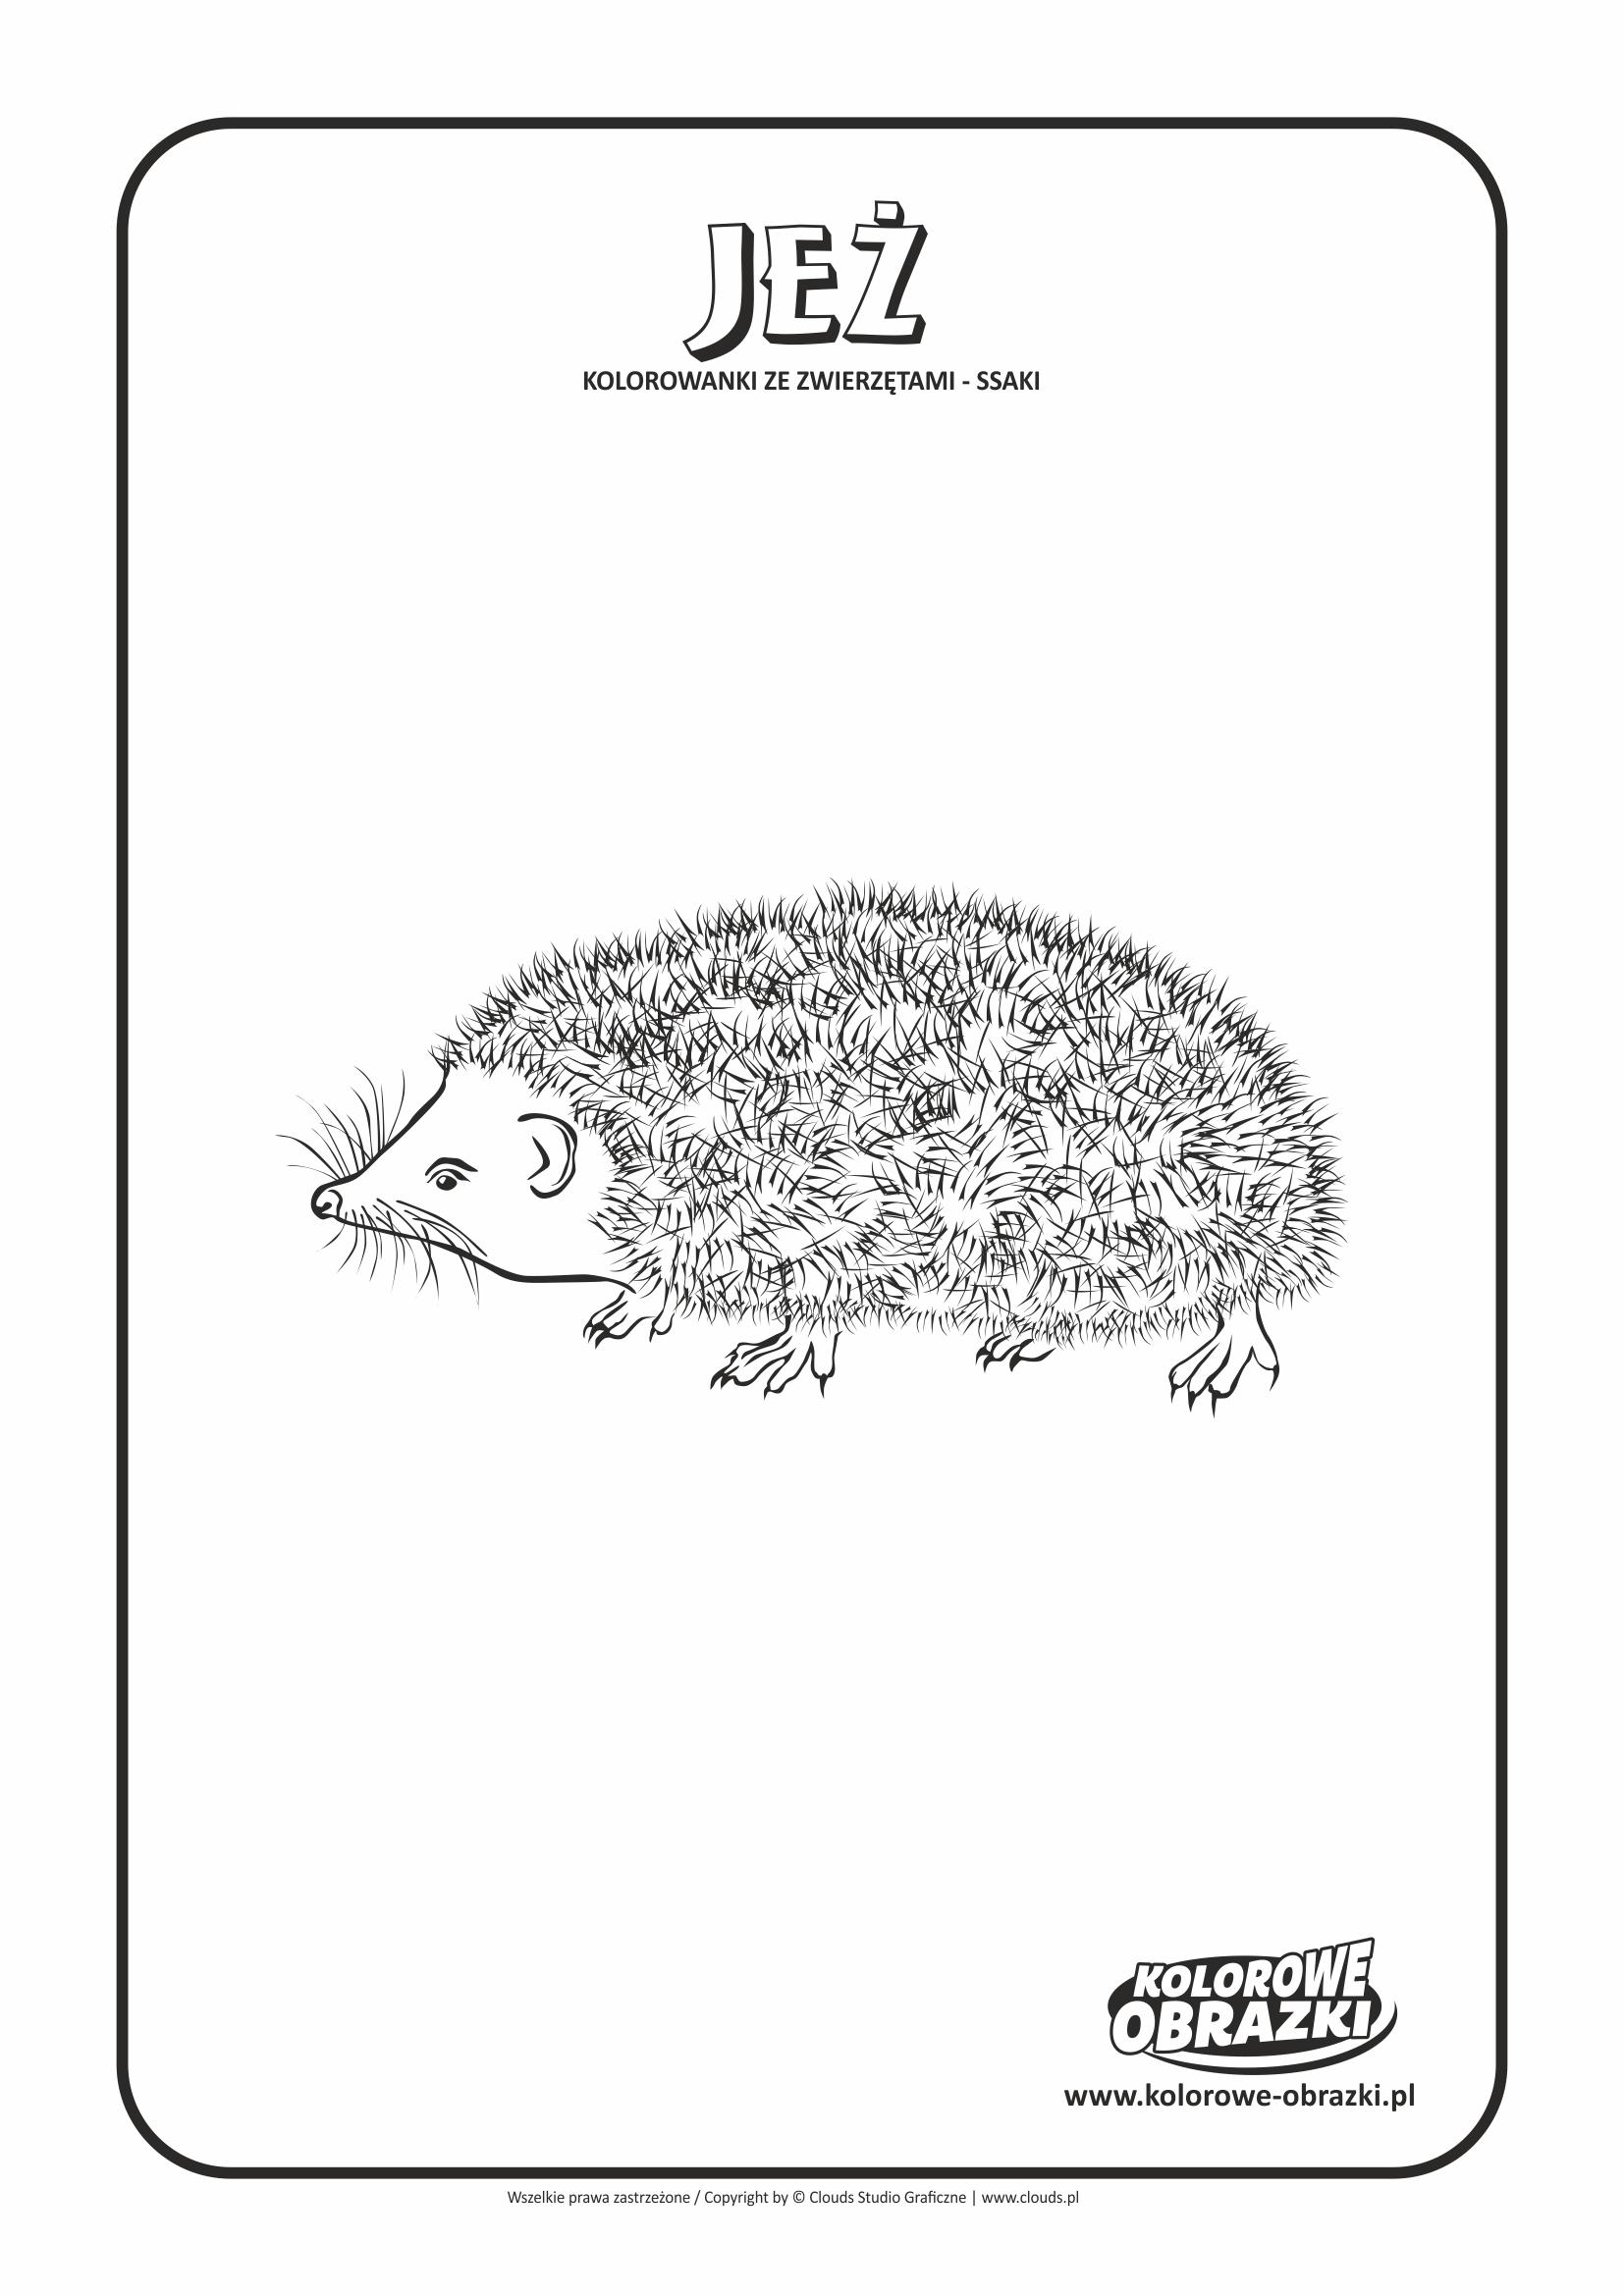 Kolorowanki dla dzieci - Zwierzęta / Jeż, Kolorowanka z jeżem